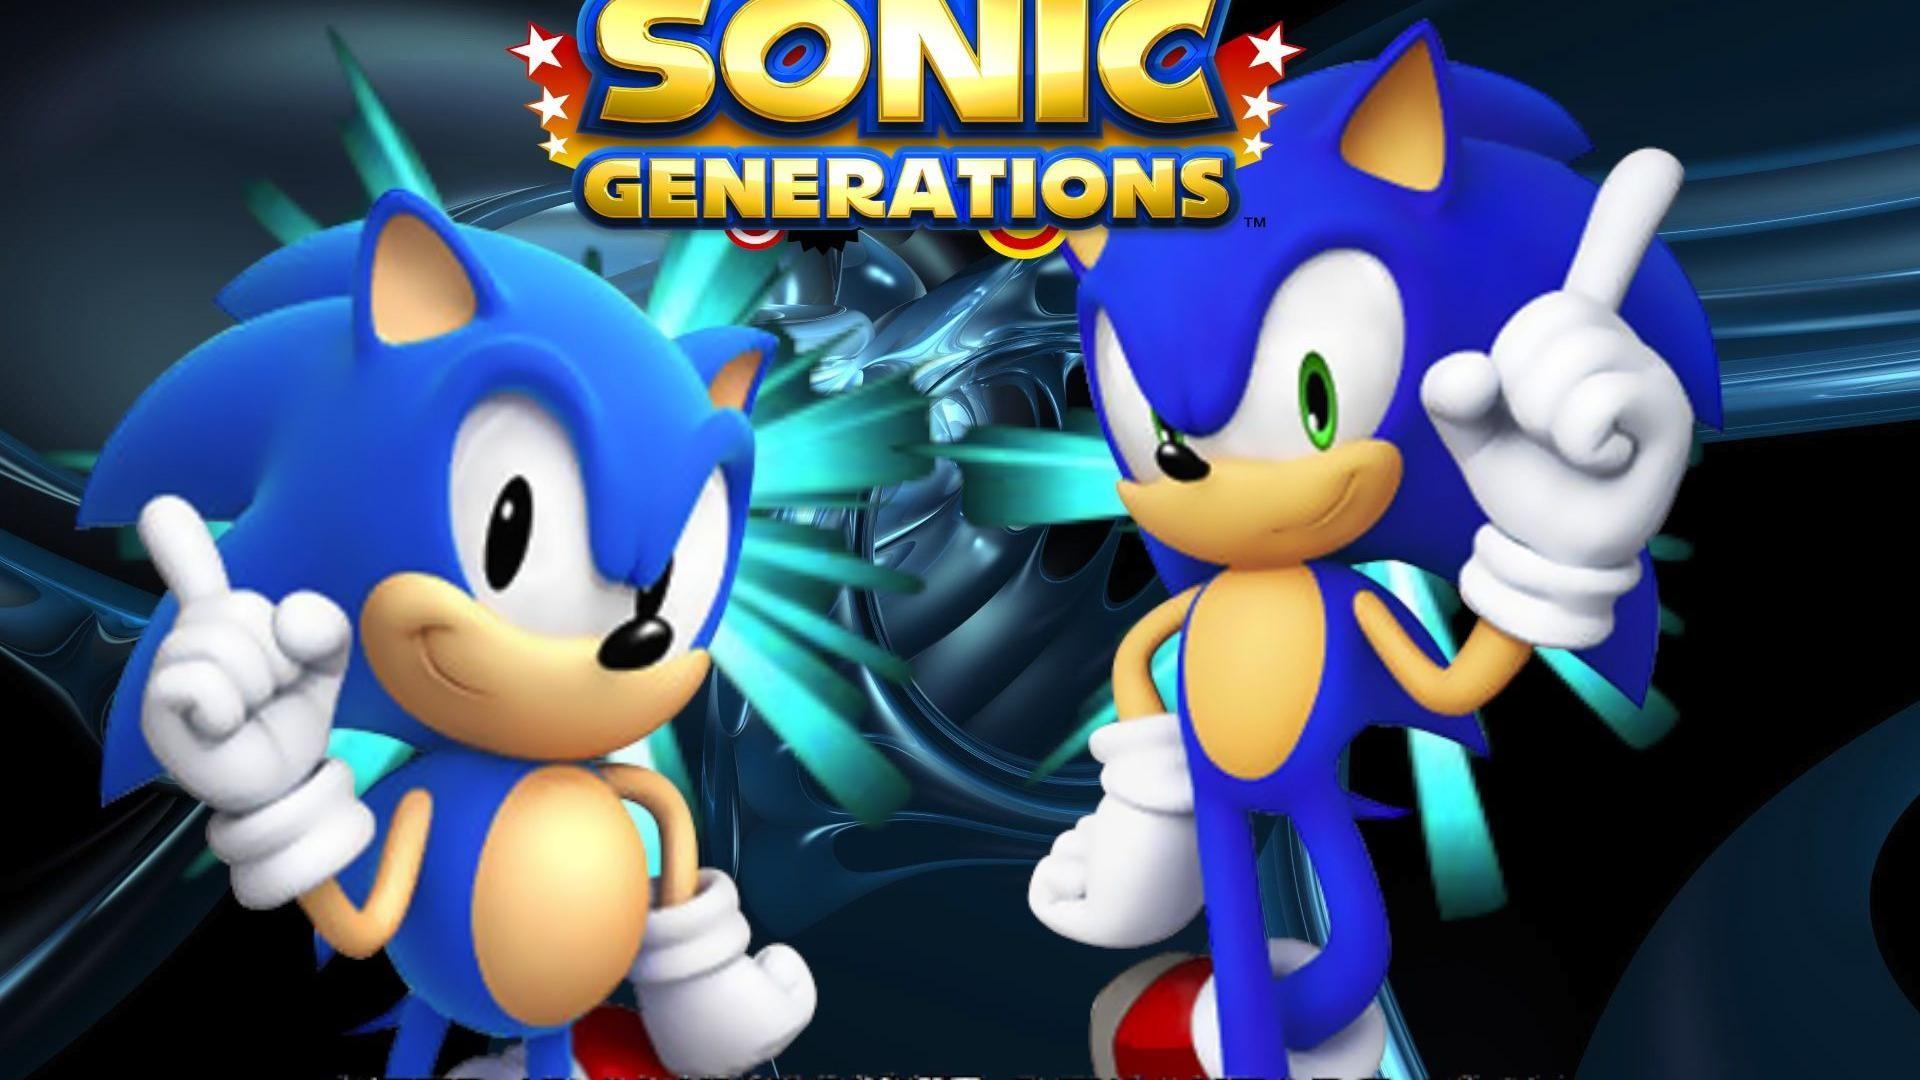 Sonic generations 1080×1920 Wallpaper, HDTV Desktop Wallpaper, HD .